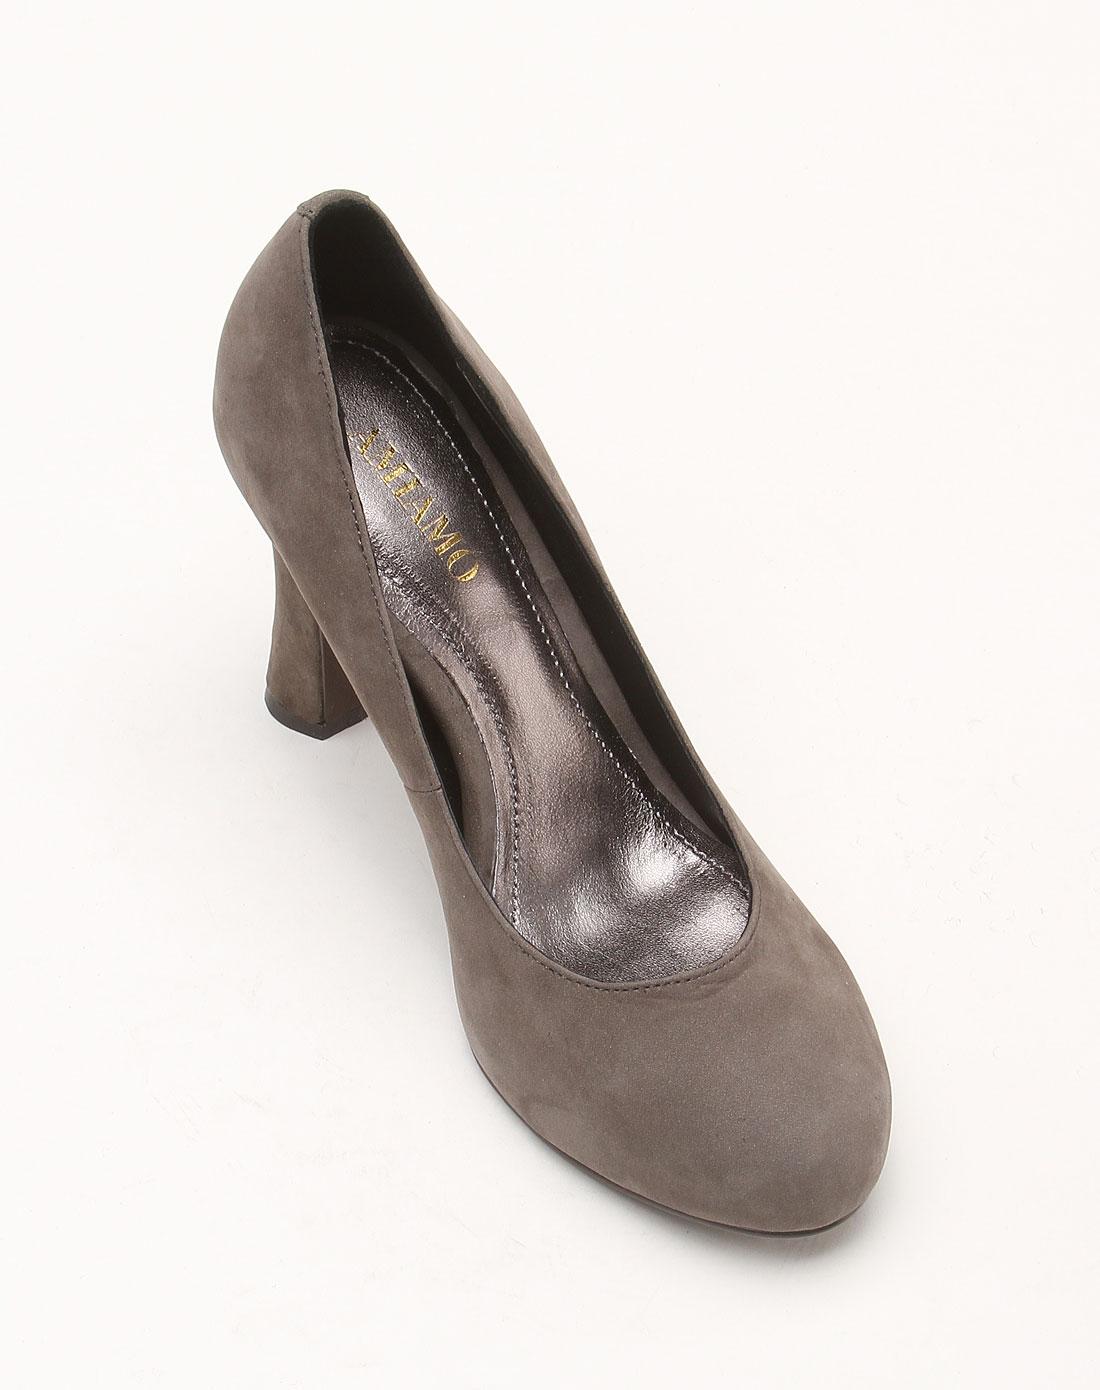 灰色时尚潮流高跟鞋